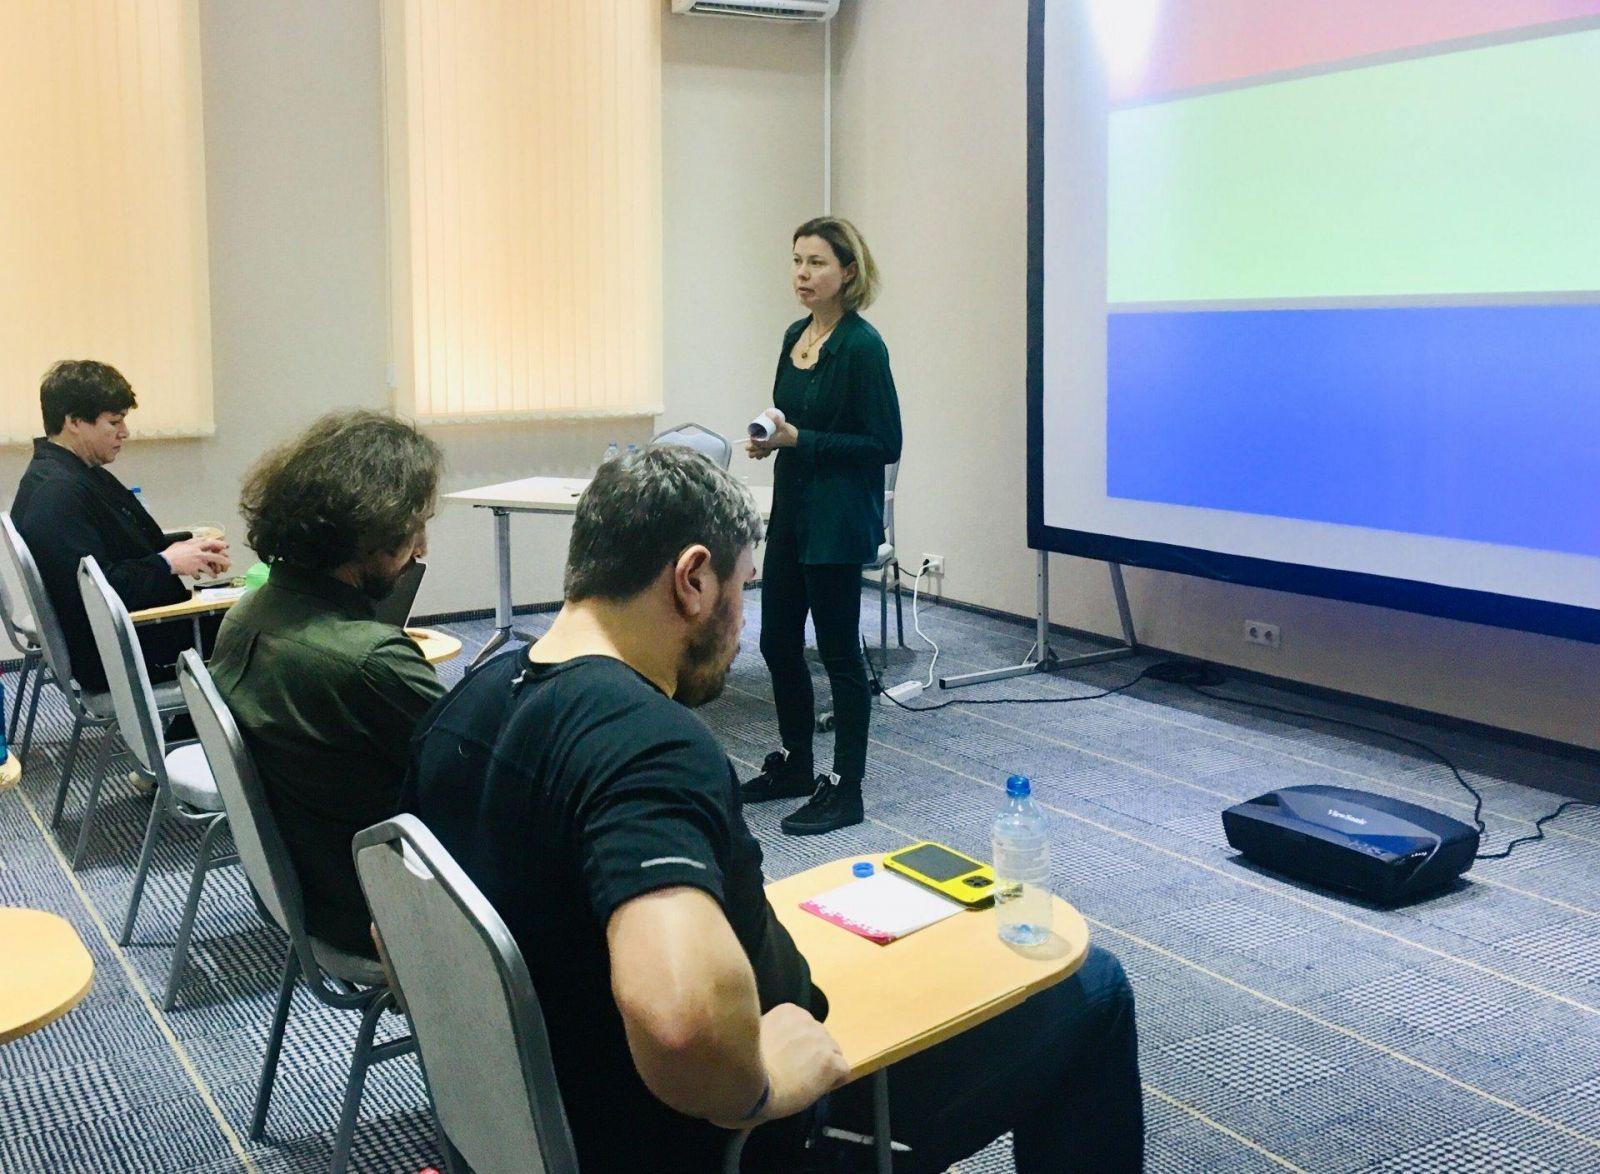 В Сочи прошёл семинар по аналитике и монетизации для цифровых СМИ